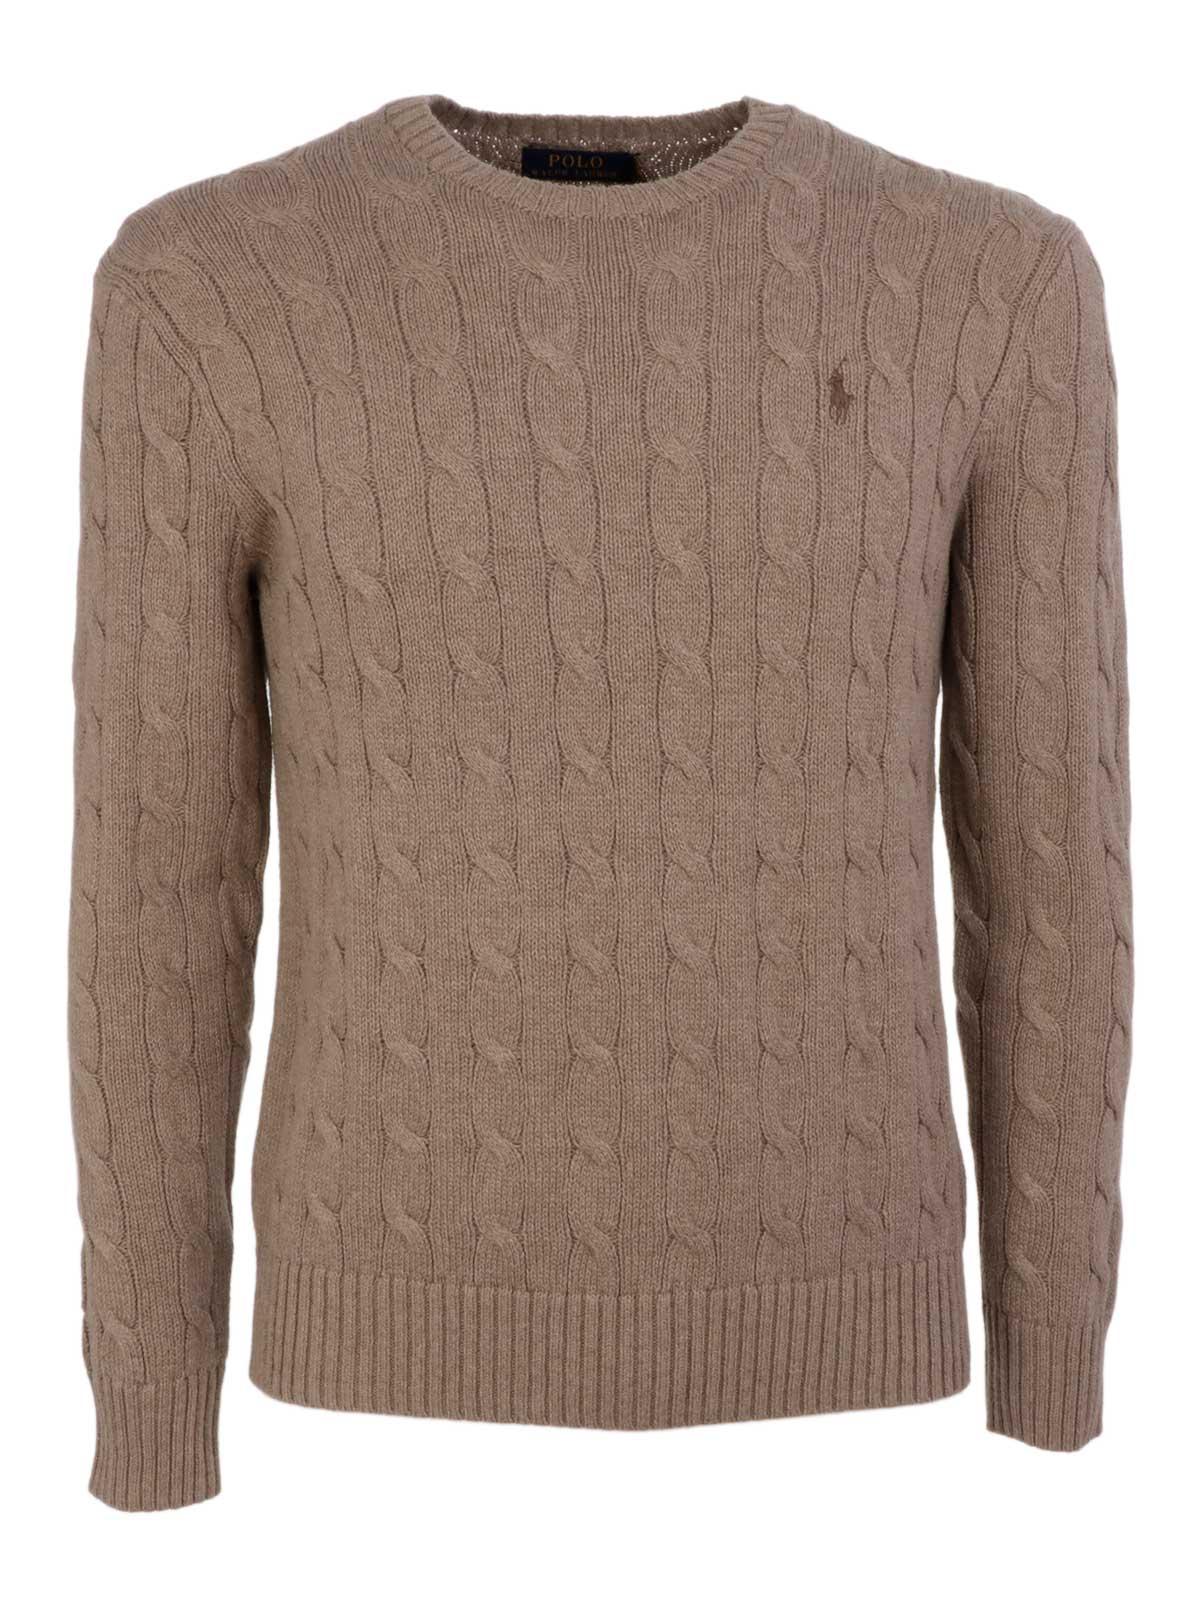 8846200dd39 POLO RALPH LAUREN Men s Cable-Knit Sweater Beige Htr